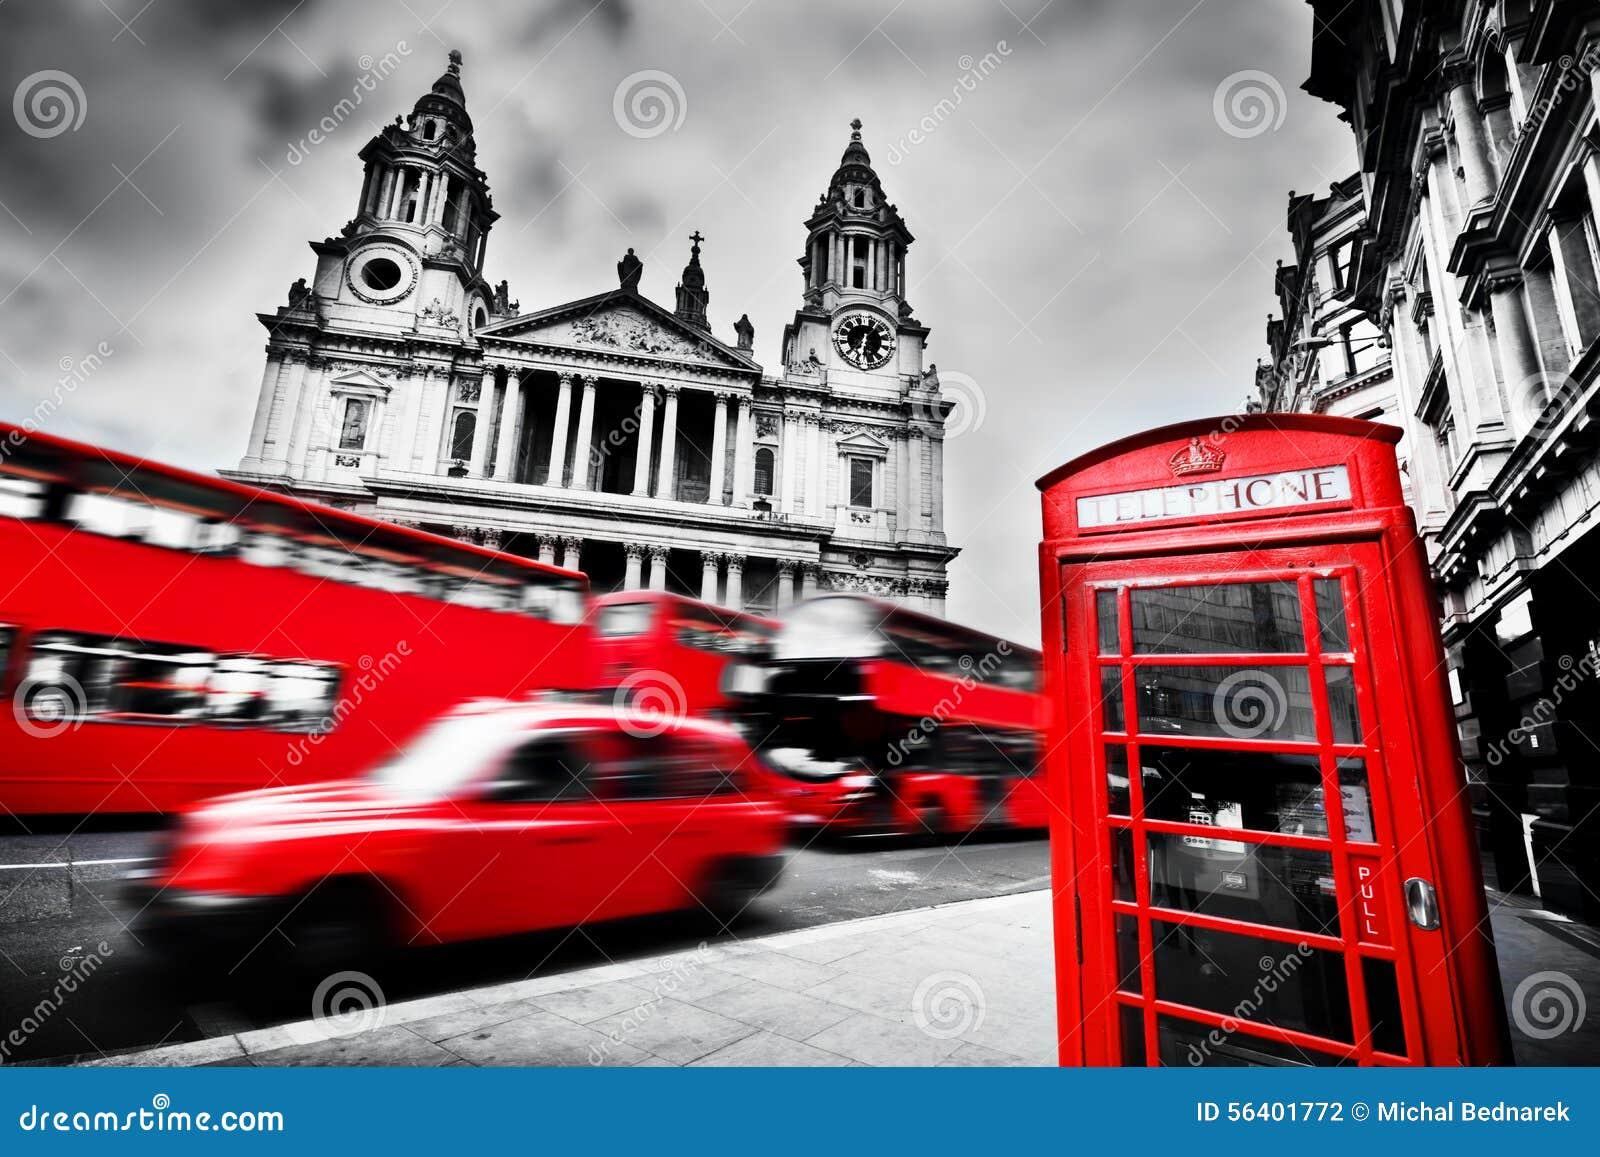 Londres, o Reino Unido A catedral de St Paul, ônibus vermelho, táxi de táxi e cabine de telefone vermelha